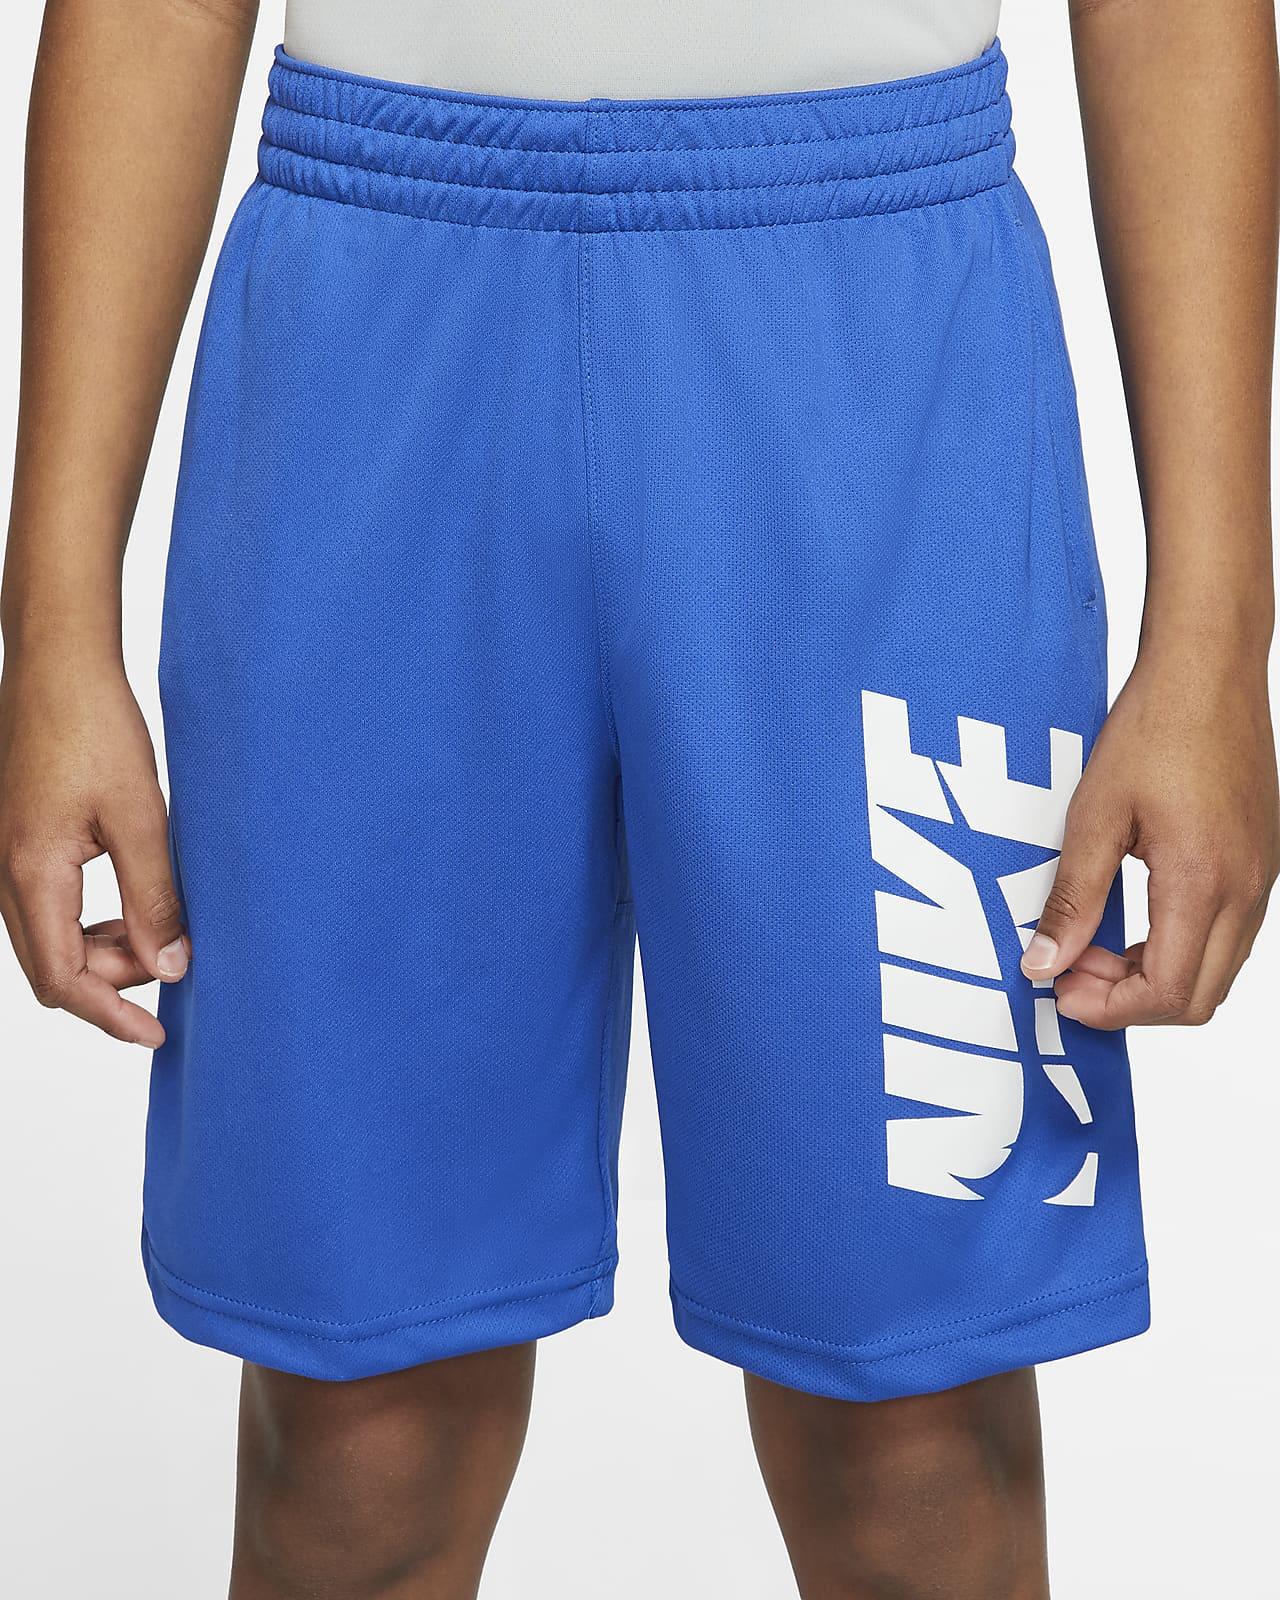 Kids' (Boys') Training Shorts. Nike JP